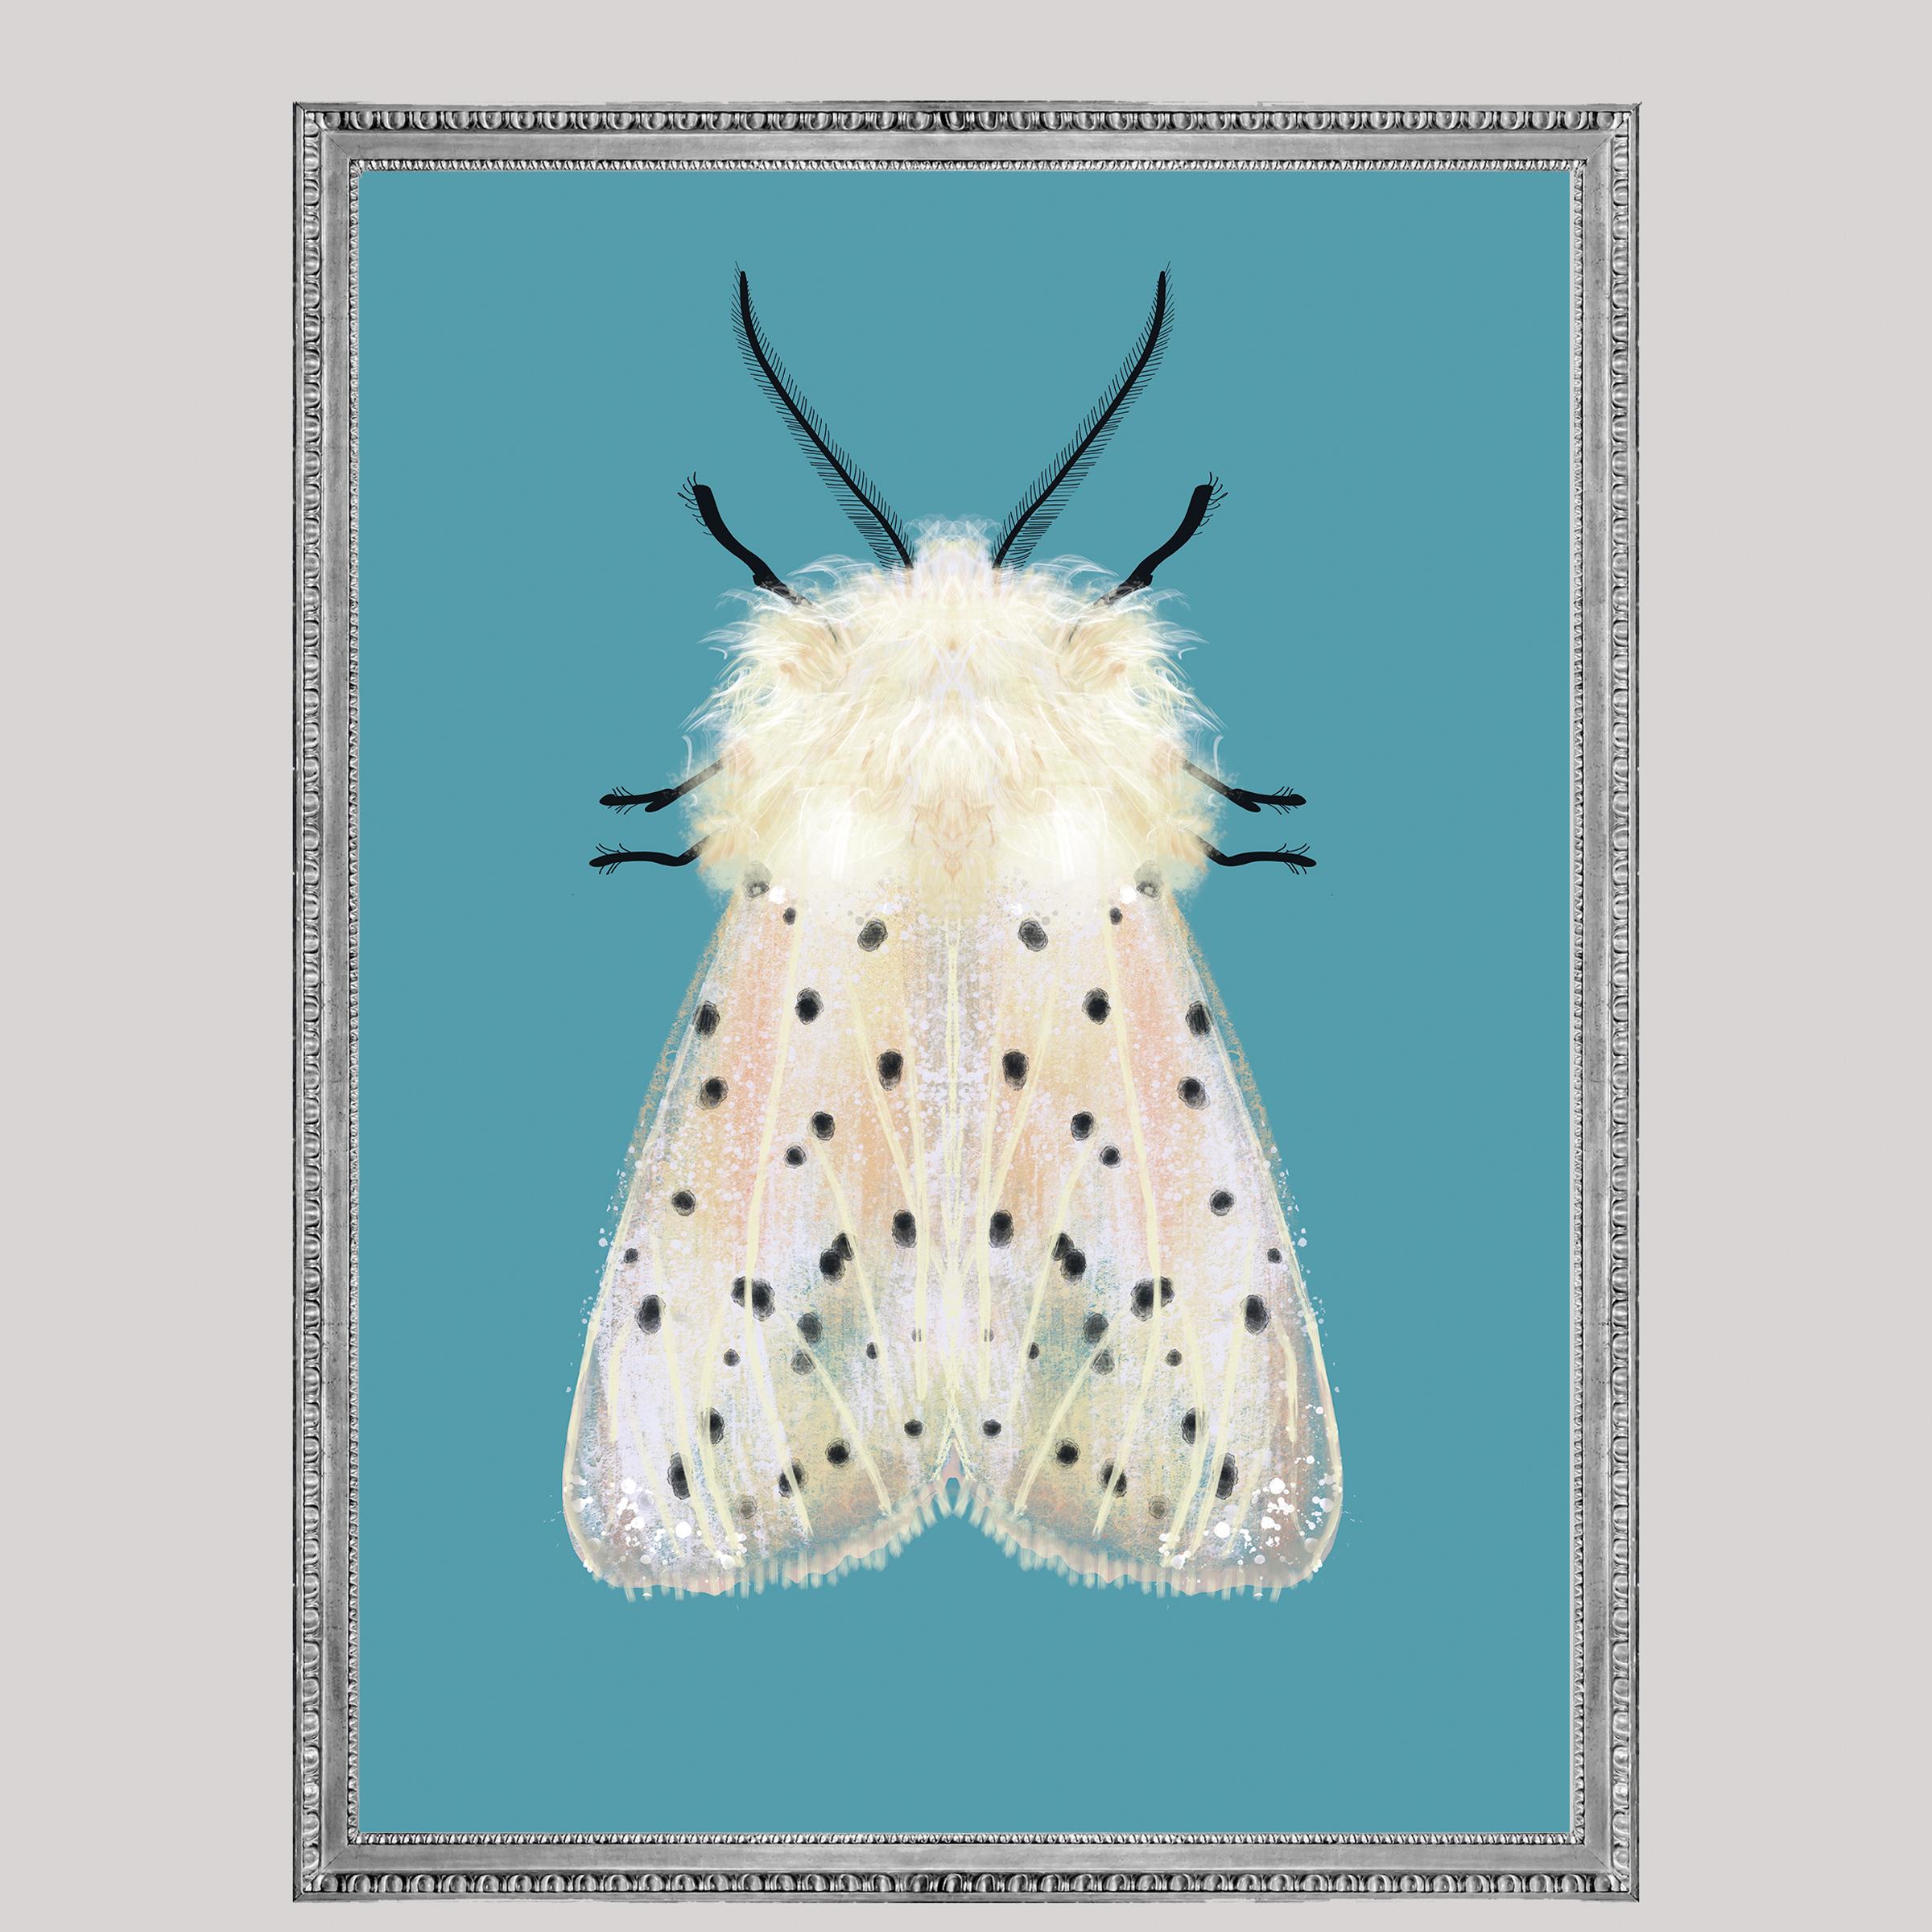 Witte mot zwarte vlekken, Natuurlijk Angelart, Angela Peters. Illustratie